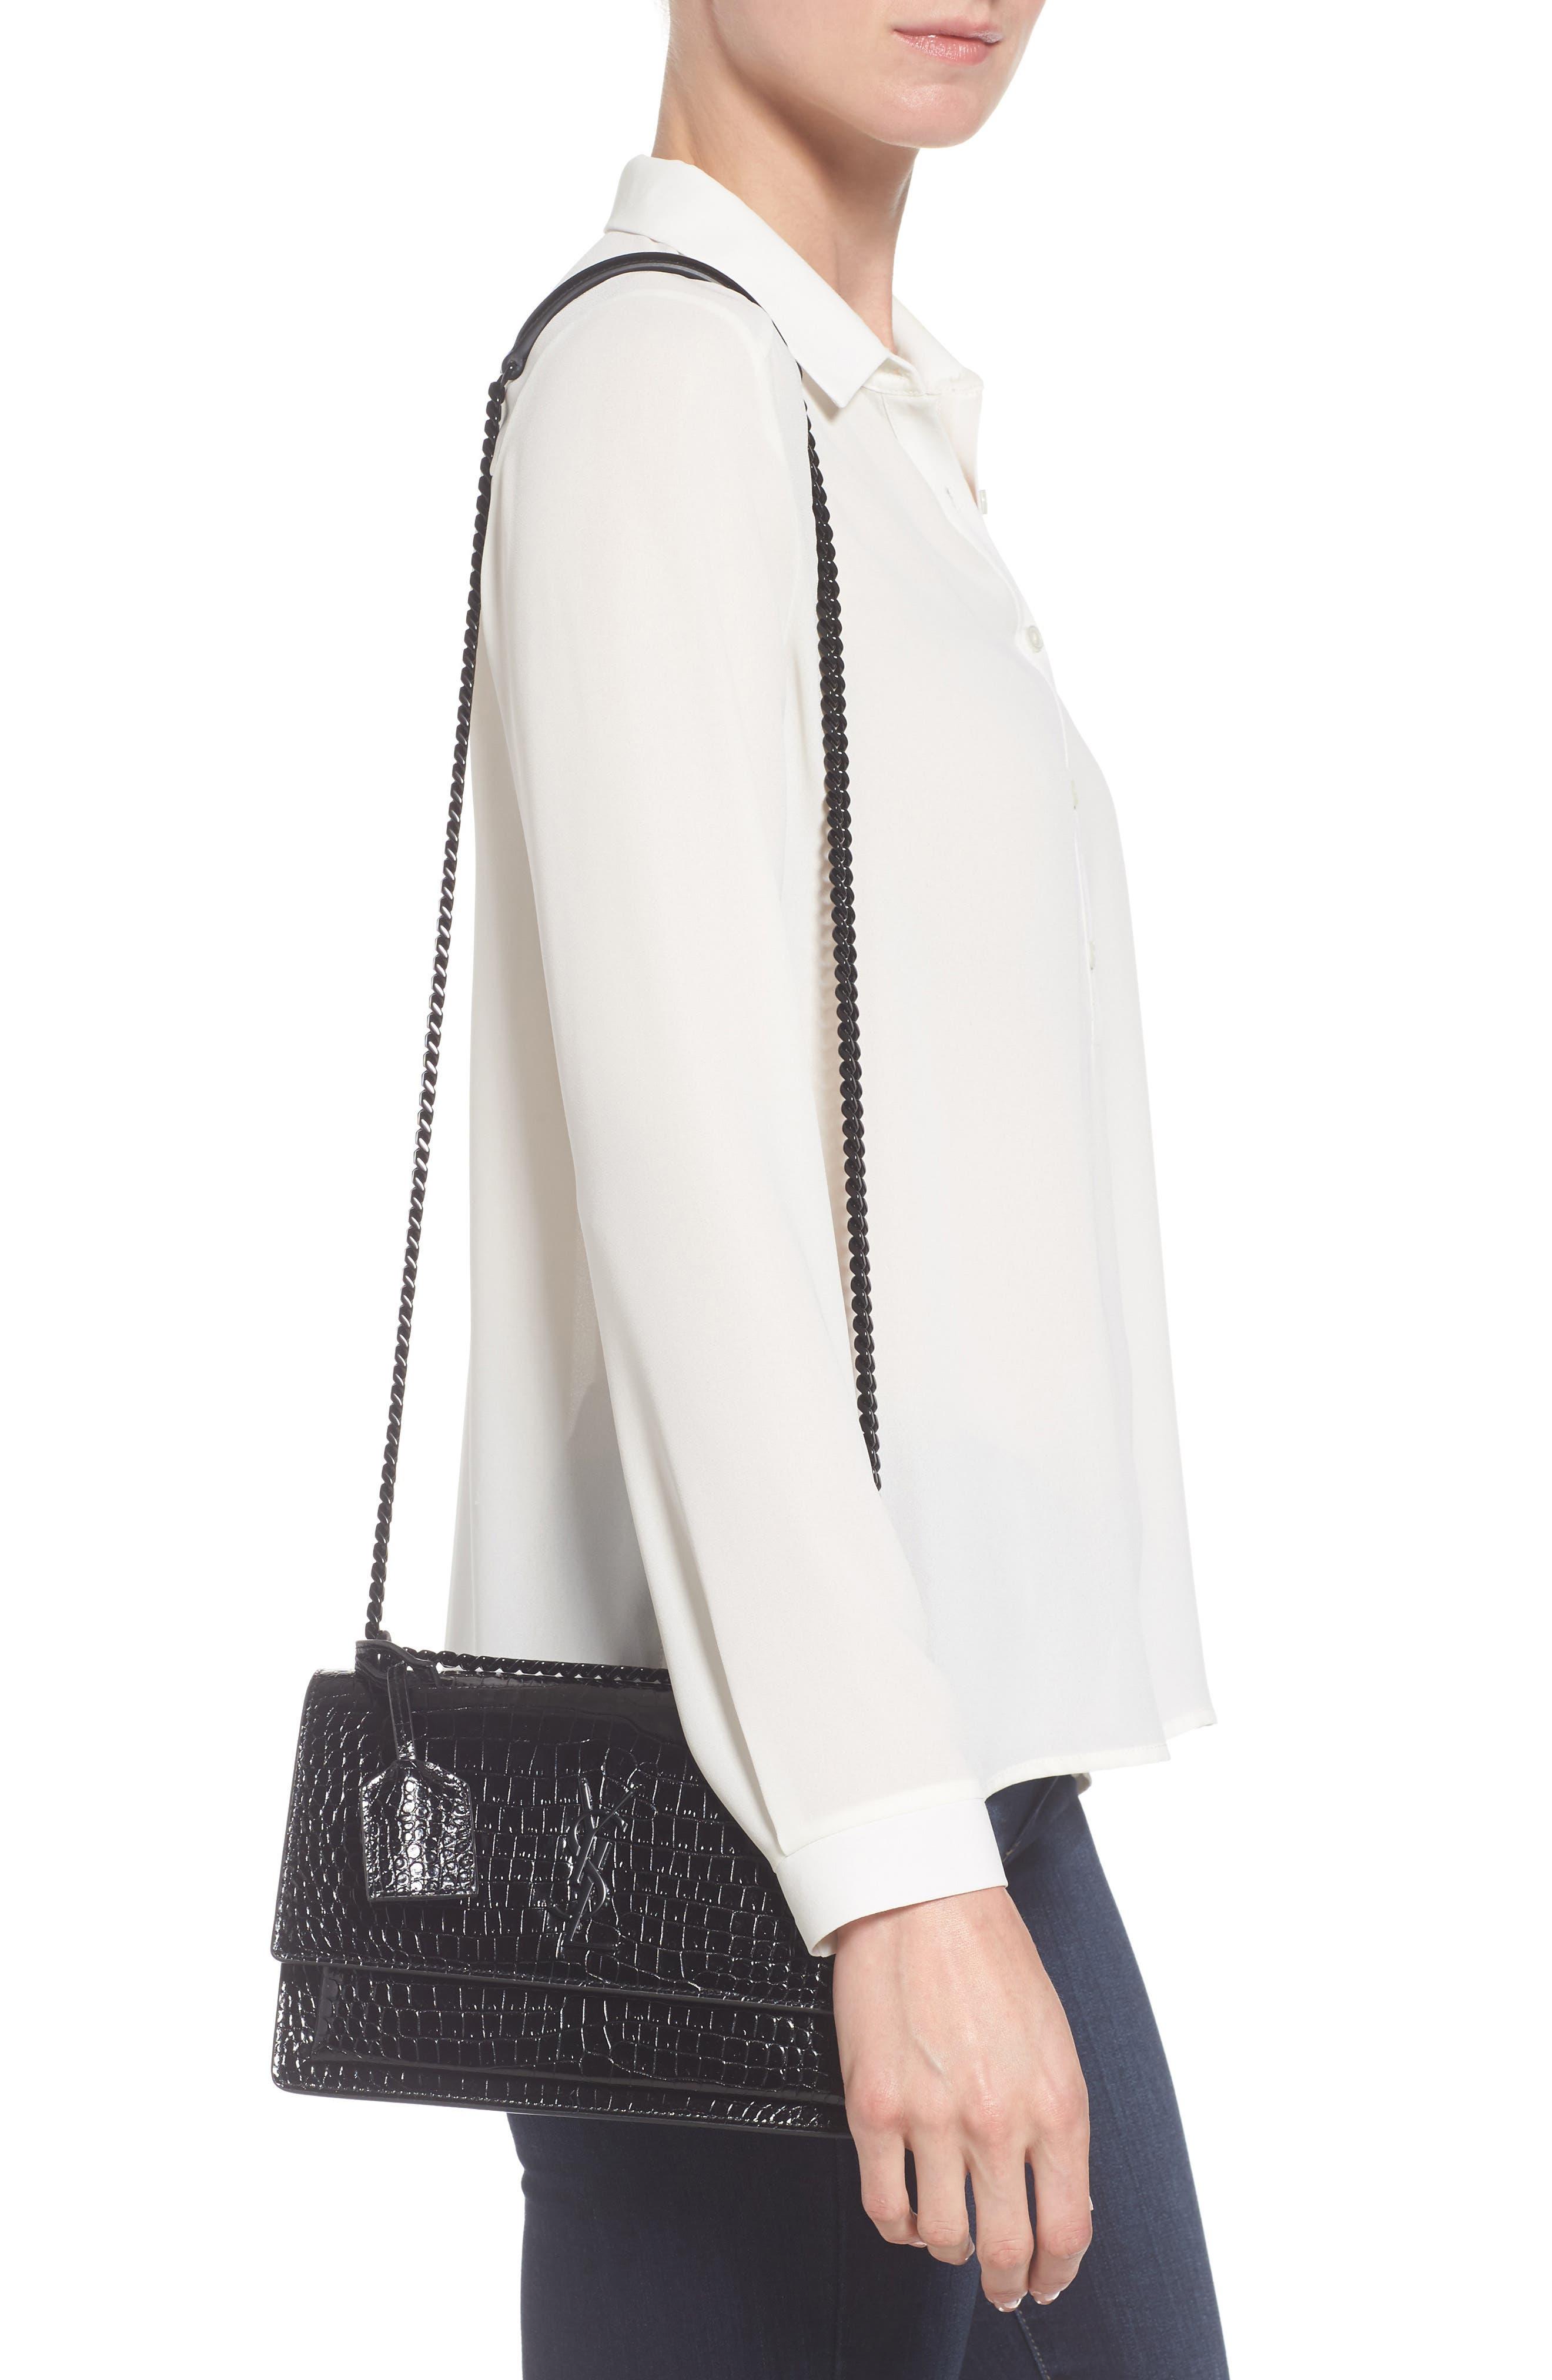 Medium Sunset Croc Embossed Leather Shoulder Bag,                             Alternate thumbnail 2, color,                             001